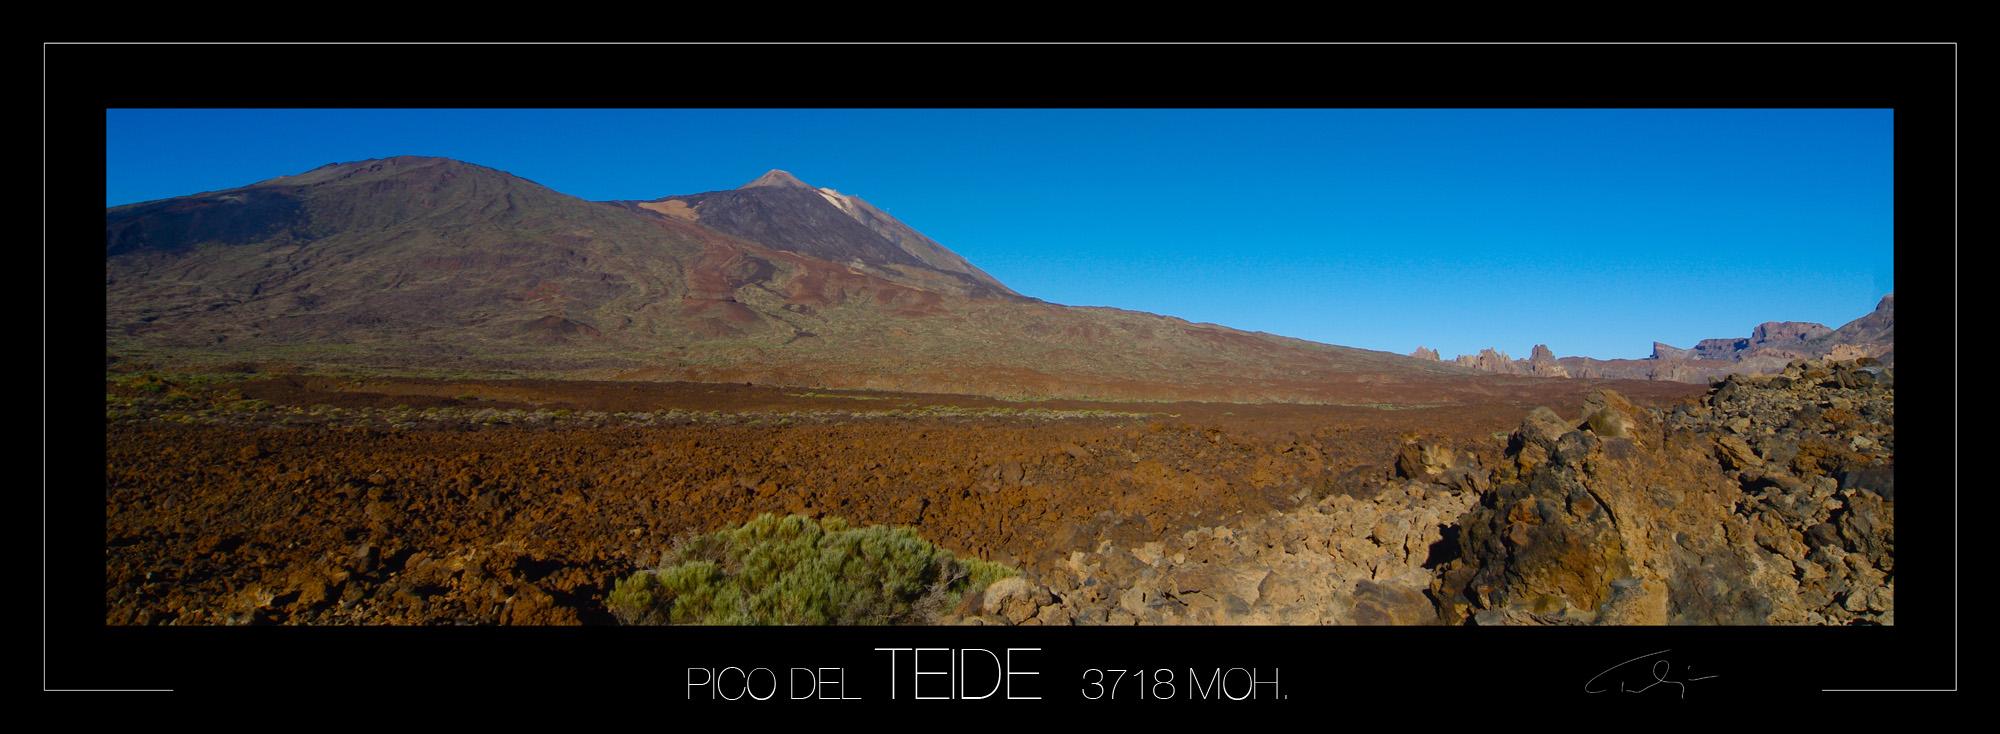 0006_PICO DEL TEIDE